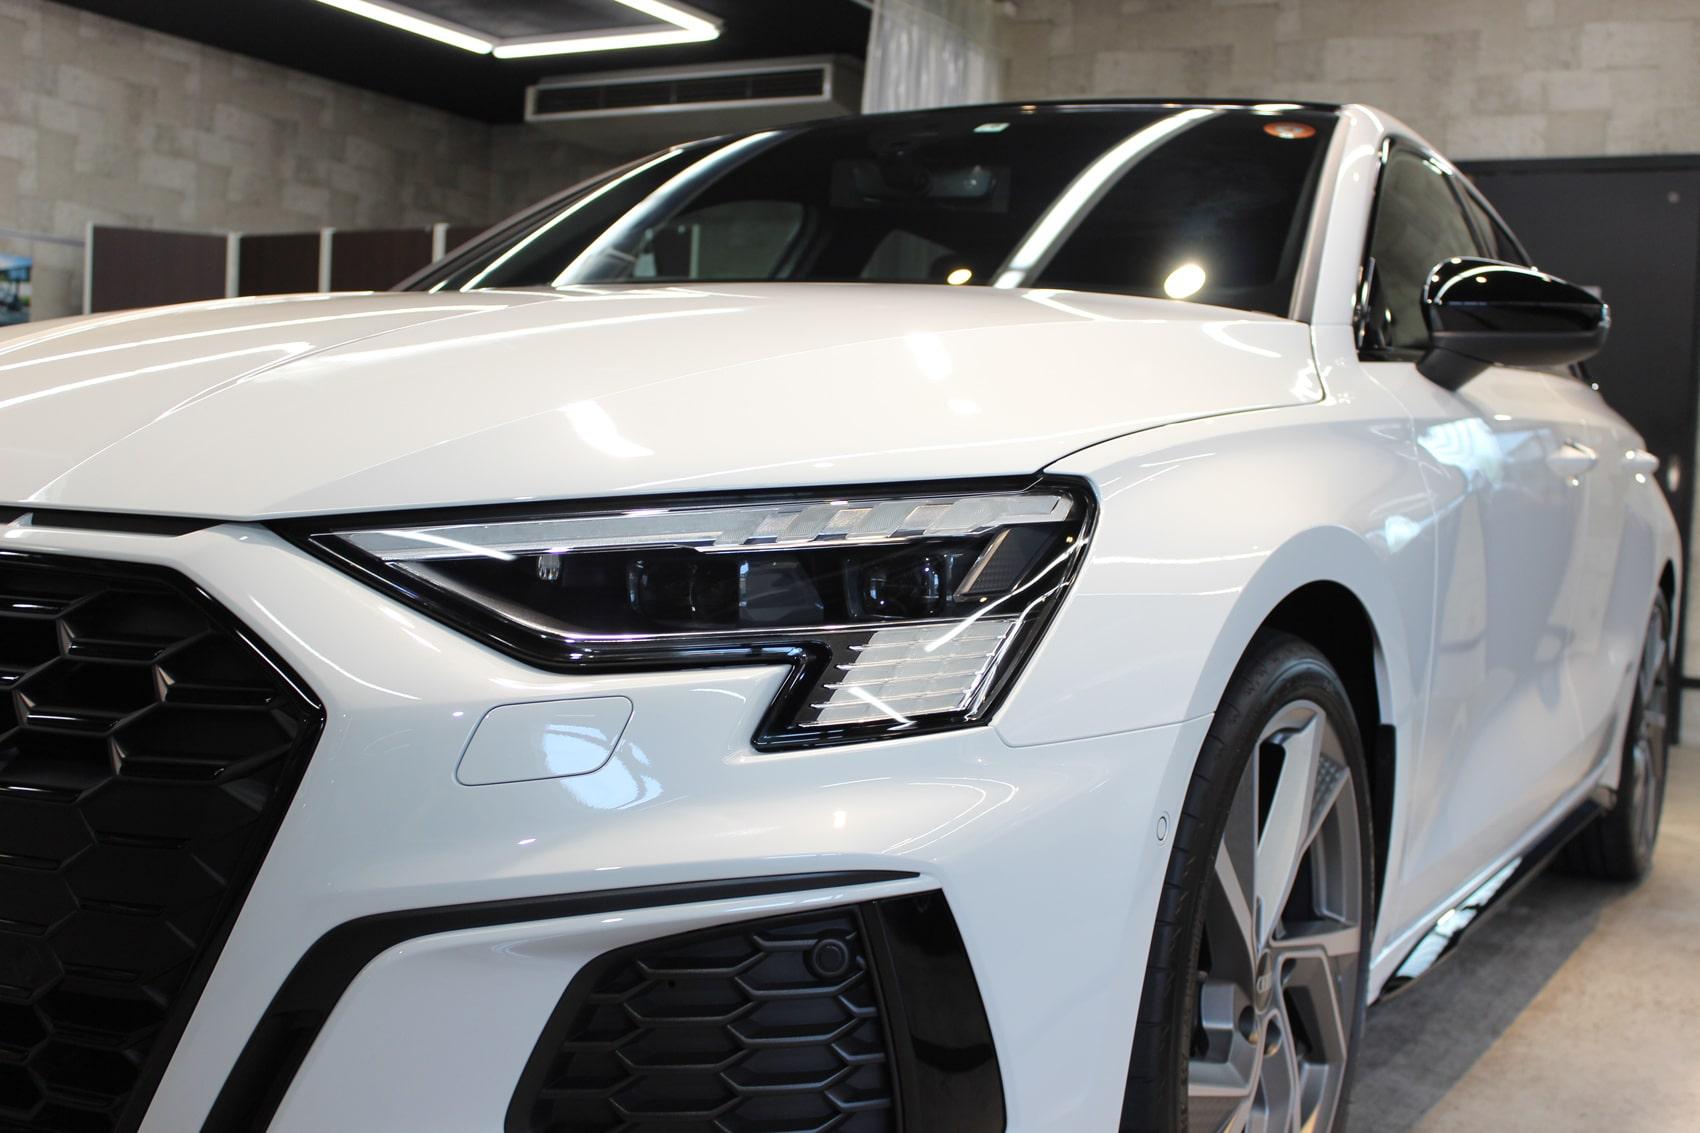 アウディ S3スポーツバック グレイシアホワイトメタリック ヘッドライト